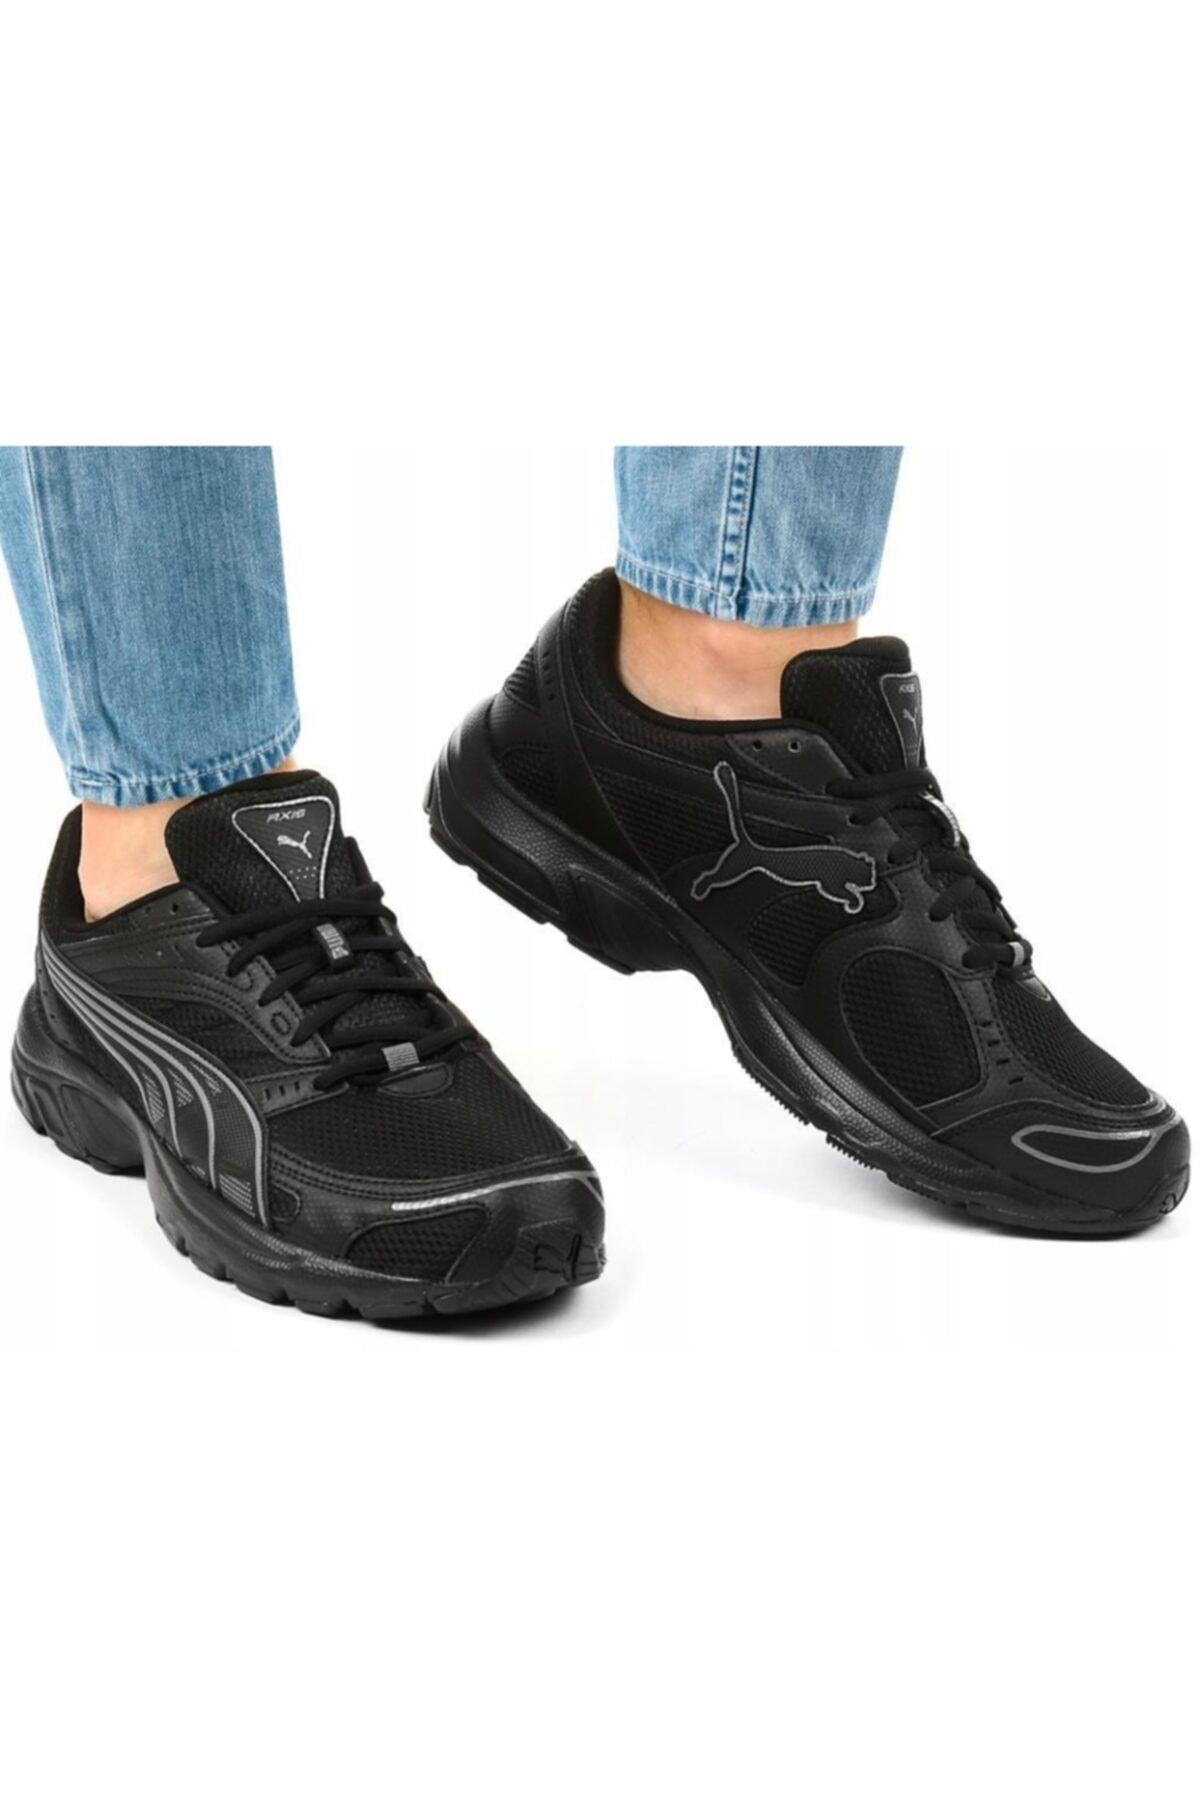 Puma Siyah Koşu Ayakkabısı 1